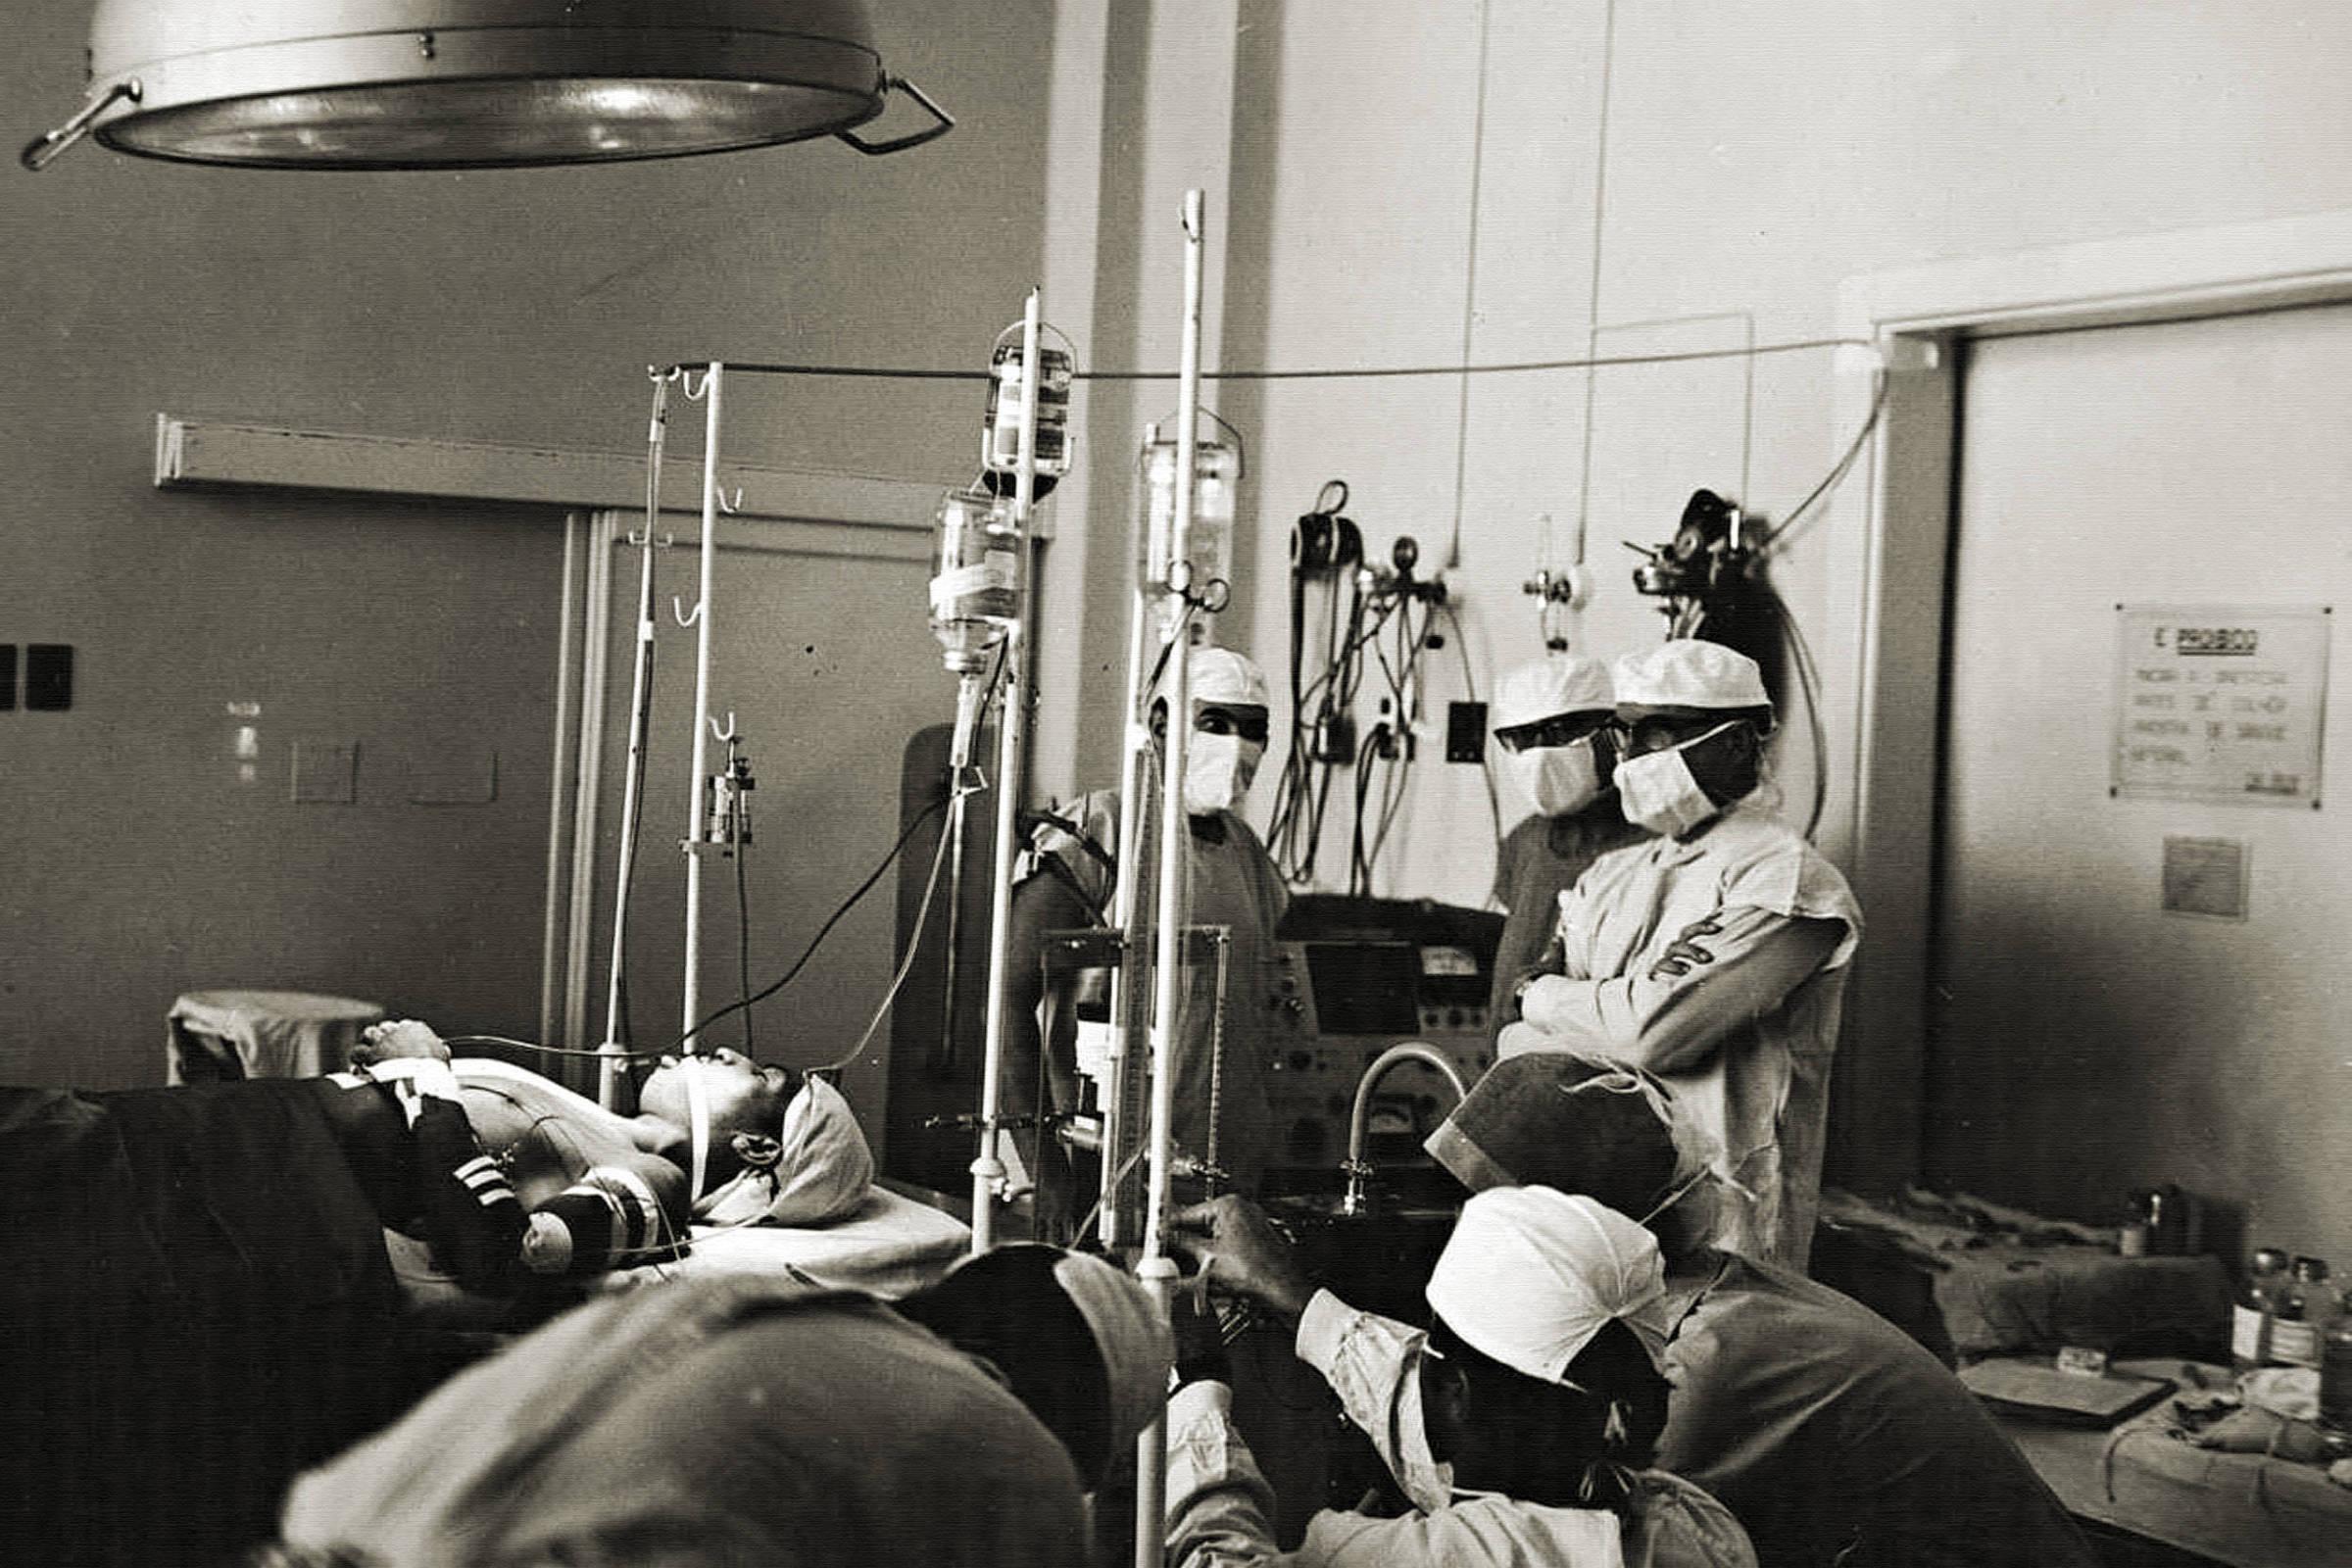 João Boiadeiro, em foto sem data, durante monitoramento médico pela equipe do Dr. Euryclides Zerbini no Hospital das Clínicas, em São Paulo